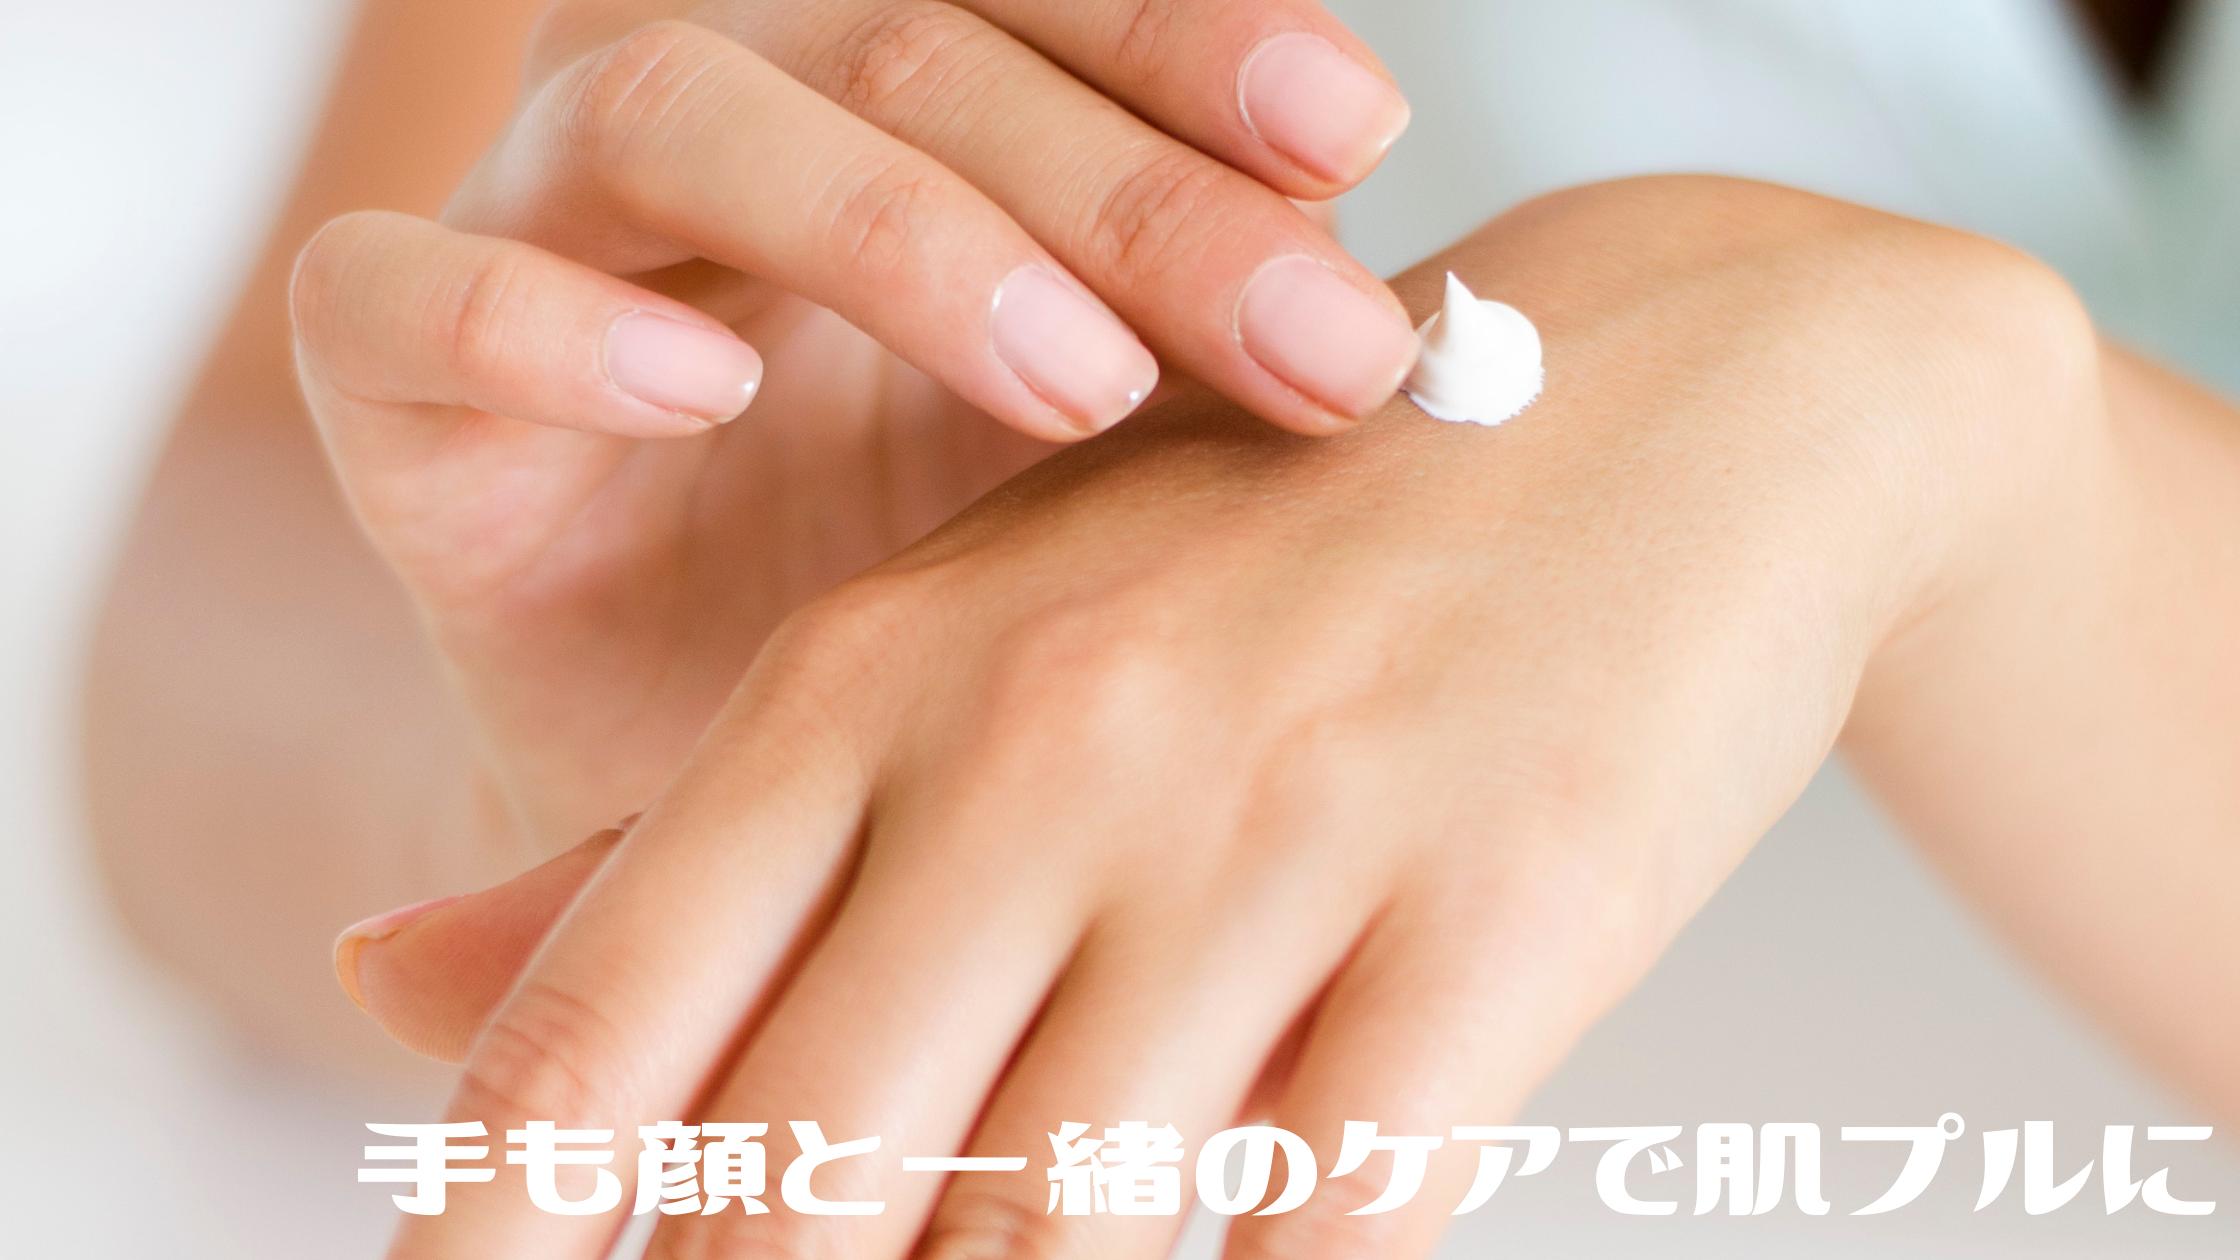 【めざましテレビ】プロ直伝『手 専用パック』『抗菌力のあるクリーム』『おやすみ手袋』 手の若返りハンドケア